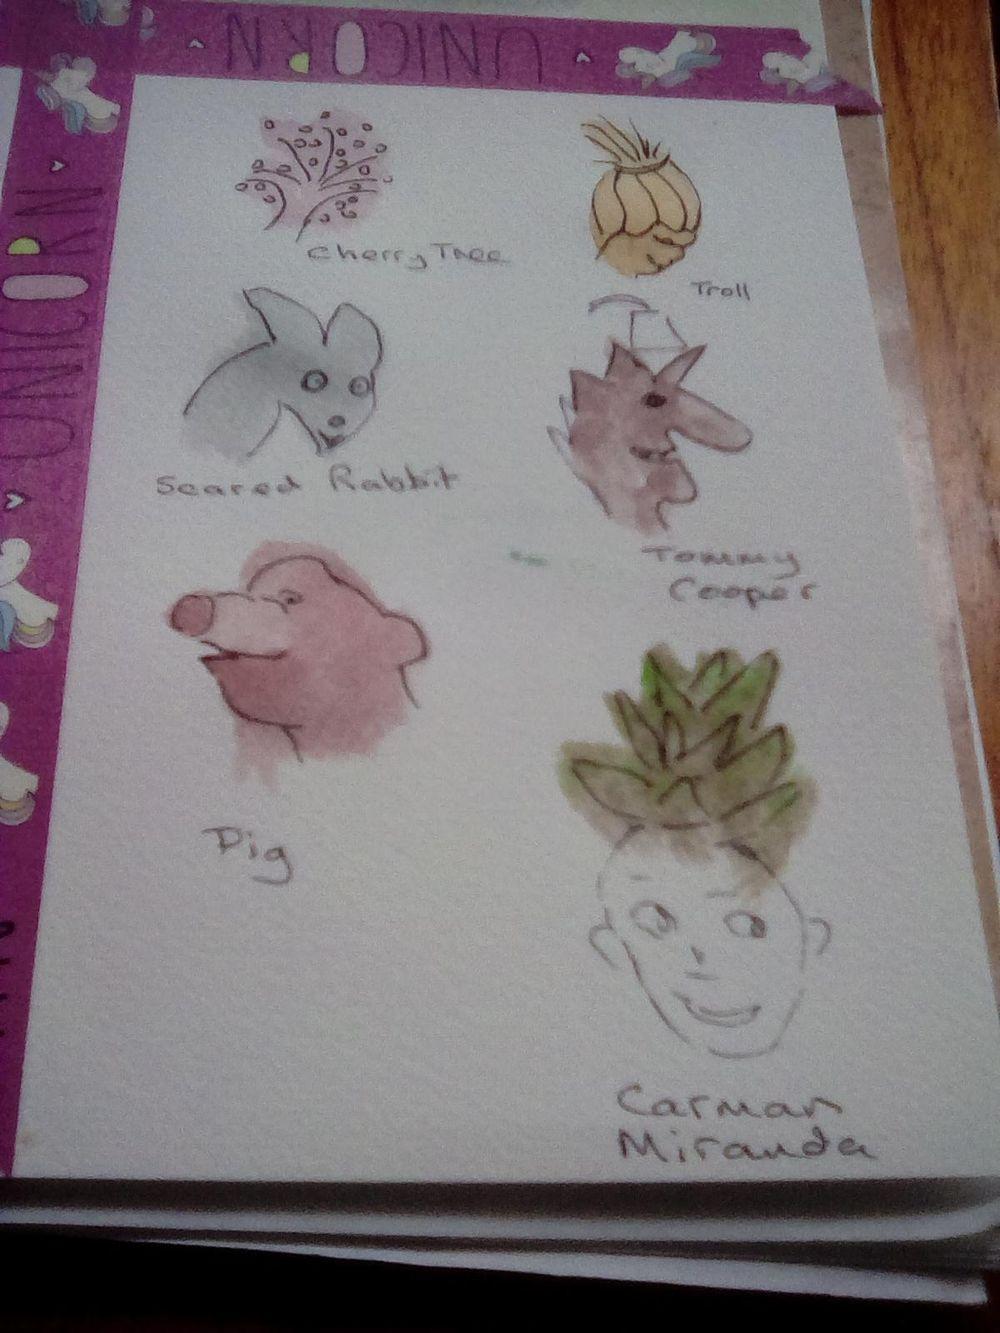 Sketchbook - image 2 - student project